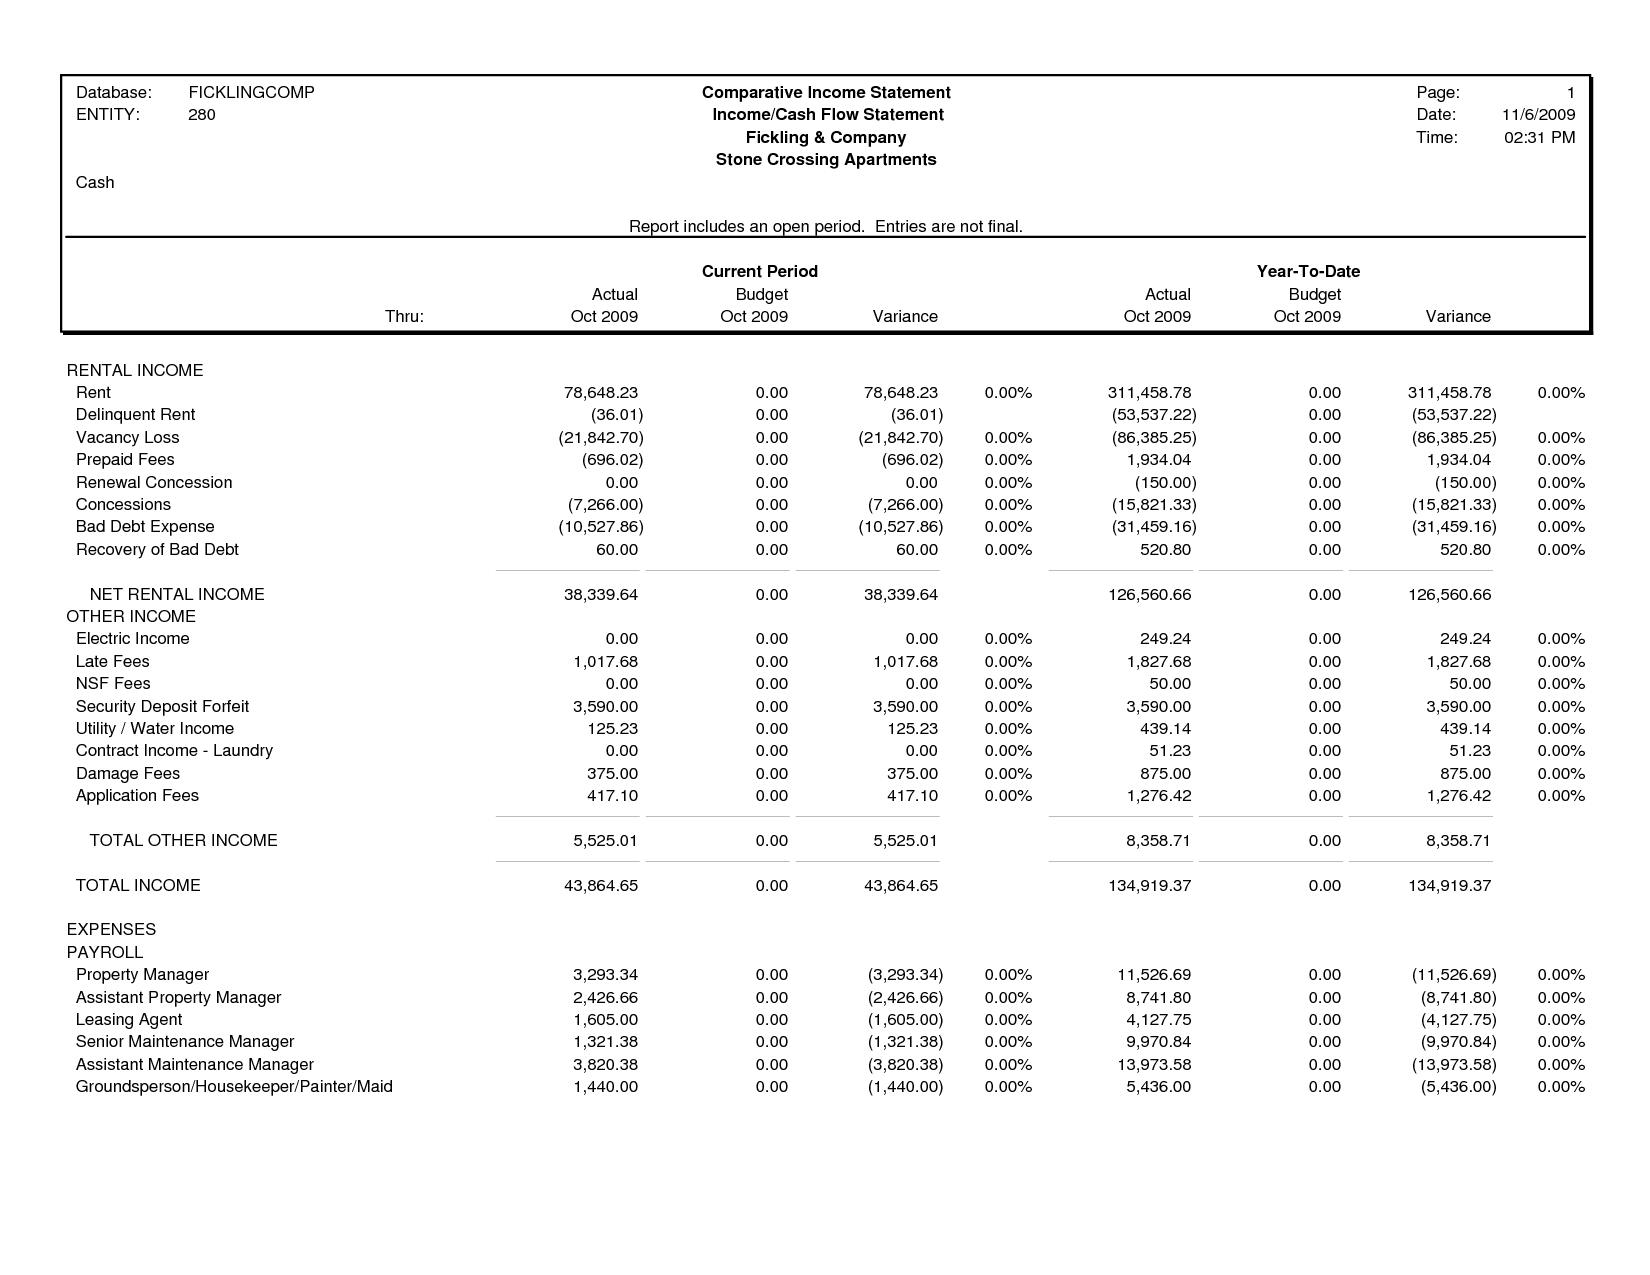 Comparative Income Statement Template